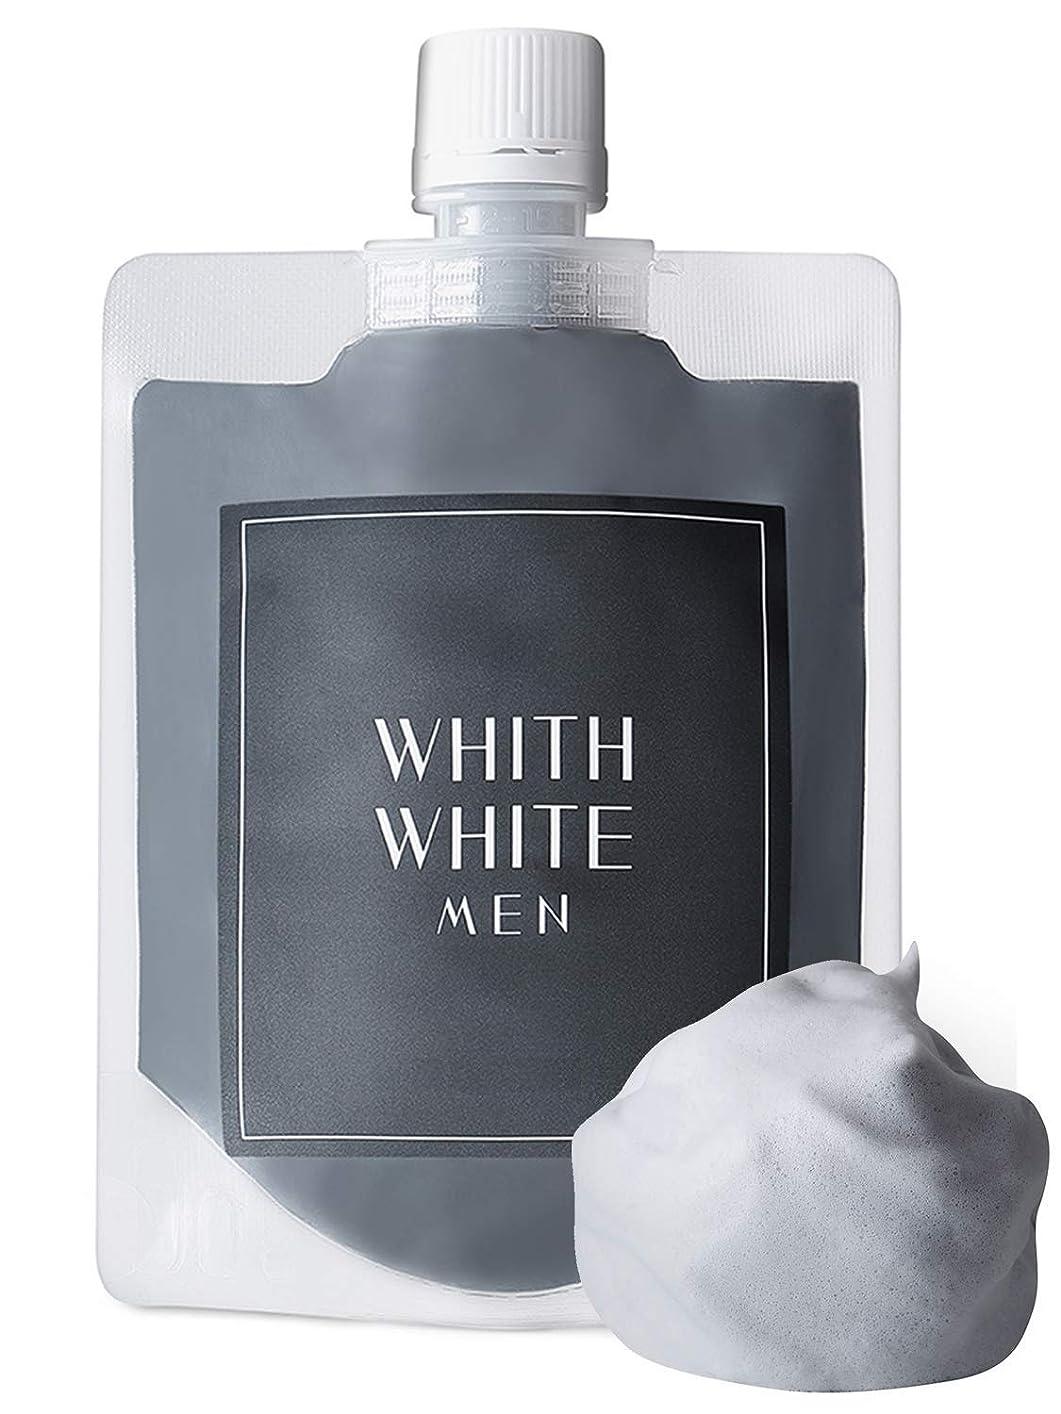 雇用者子羊デッキフィス ホワイト メンズ 泥 洗顔 ネット 付き 8つの 無添加 洗顔フォーム (炭 泡 クレイ で 顔 汚れ を 落とす) (日本製 洗顔料 130g リッチ セット)(どろ で 毛穴 を ごっそり 除去)